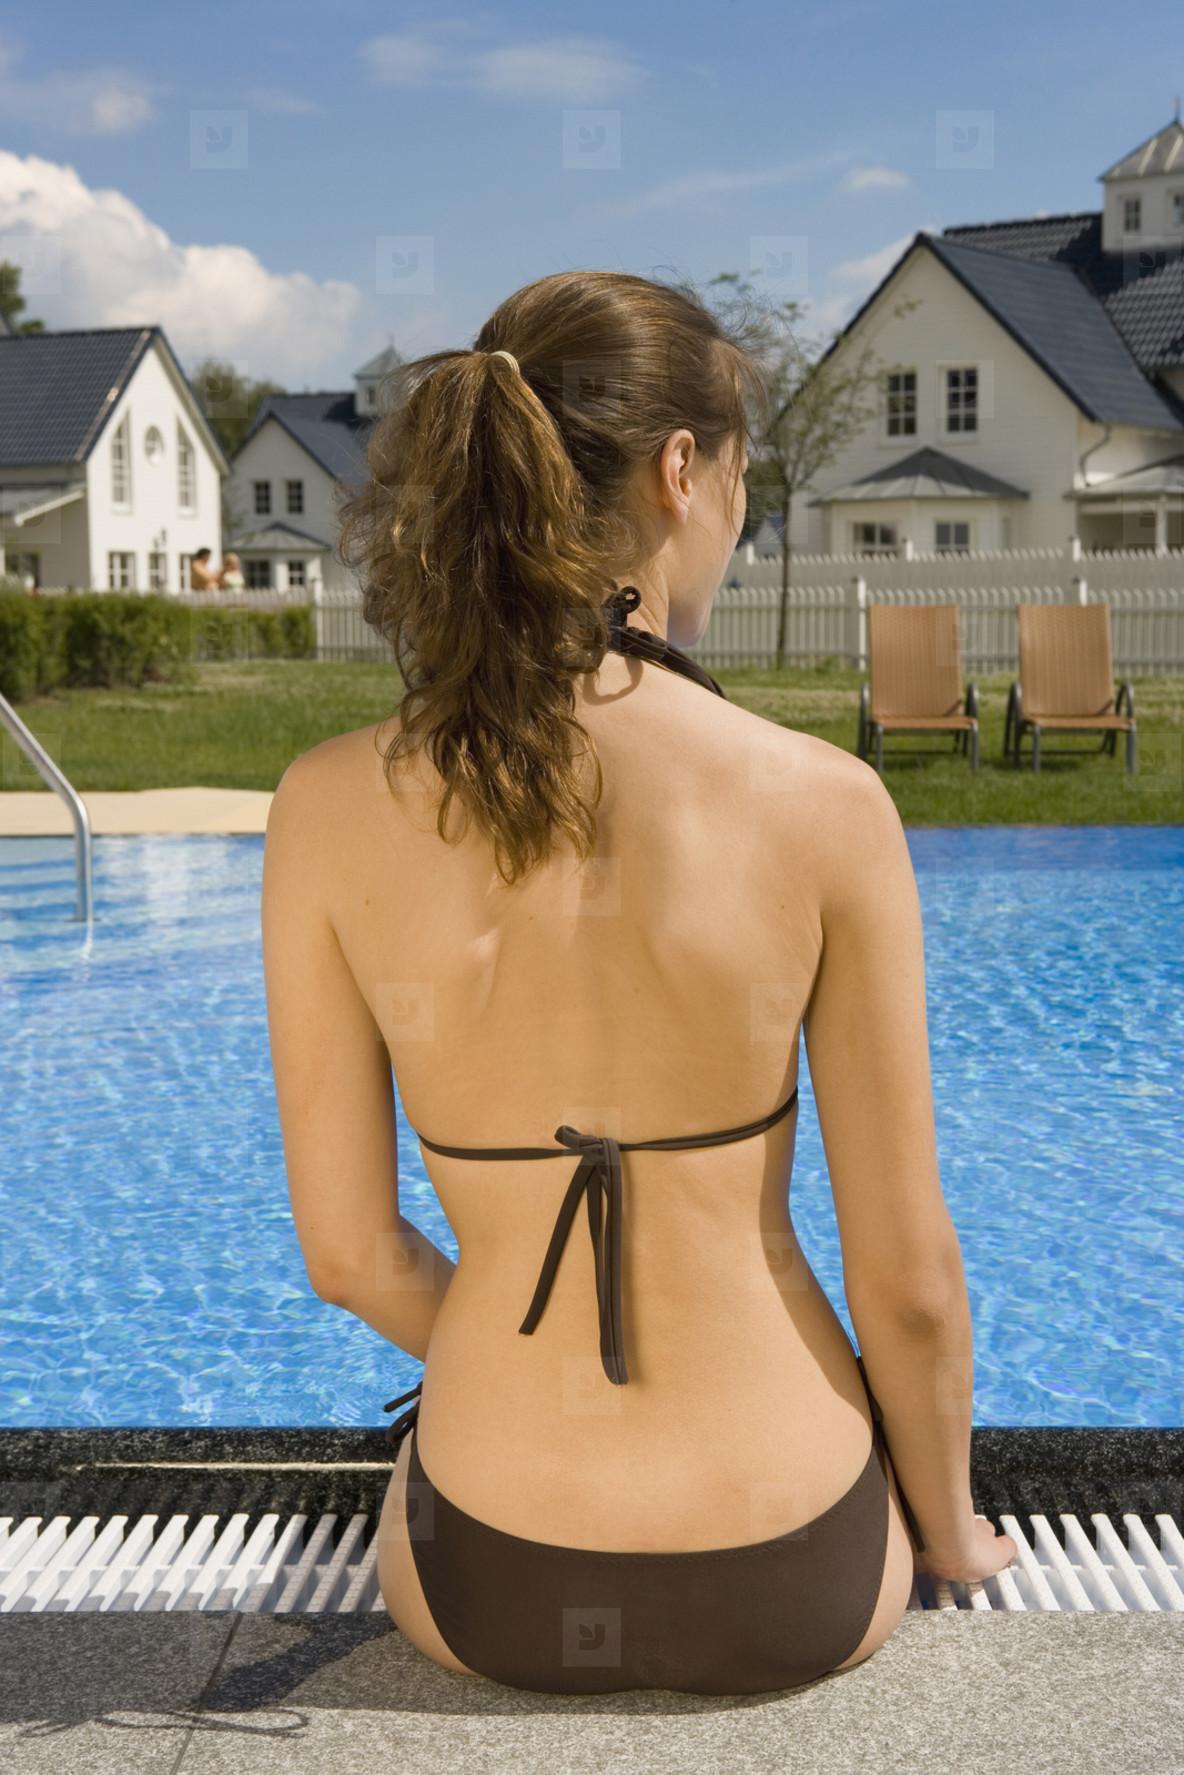 Poolside Holidays  16